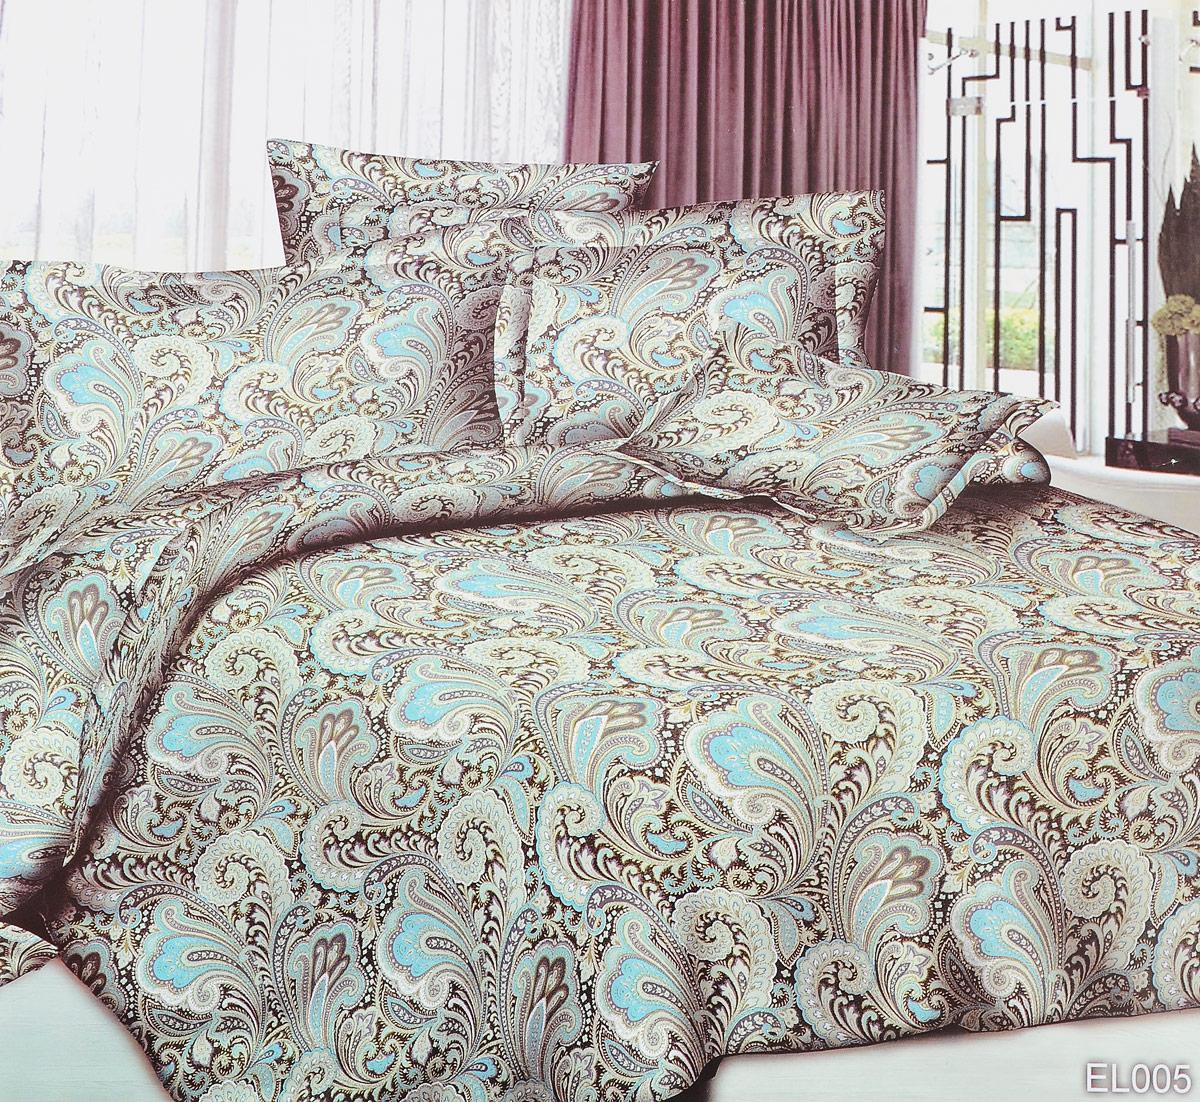 Комплект белья ЭГО Шик, 1,5-спальный, наволочки 70x70S03301004Комплект белья ЭГО Шик выполнен из полисатина (50% хлопка, 50% полиэстера). Комплект состоит из пододеяльника, простыни и двух наволочек. Постельное белье имеет изысканный внешний вид и яркую цветовую гамму. Гладкая структура делает ткань приятной на ощупь, мягкой и нежной, при этом она прочная и хорошо сохраняет форму. Ткань легко гладится, не линяет и не садится. Приобретая комплект постельного белья ЭГО Шик, вы можете быть уверенны в том, что покупка доставит вам и вашим близким удовольствие и подарит максимальный комфорт.